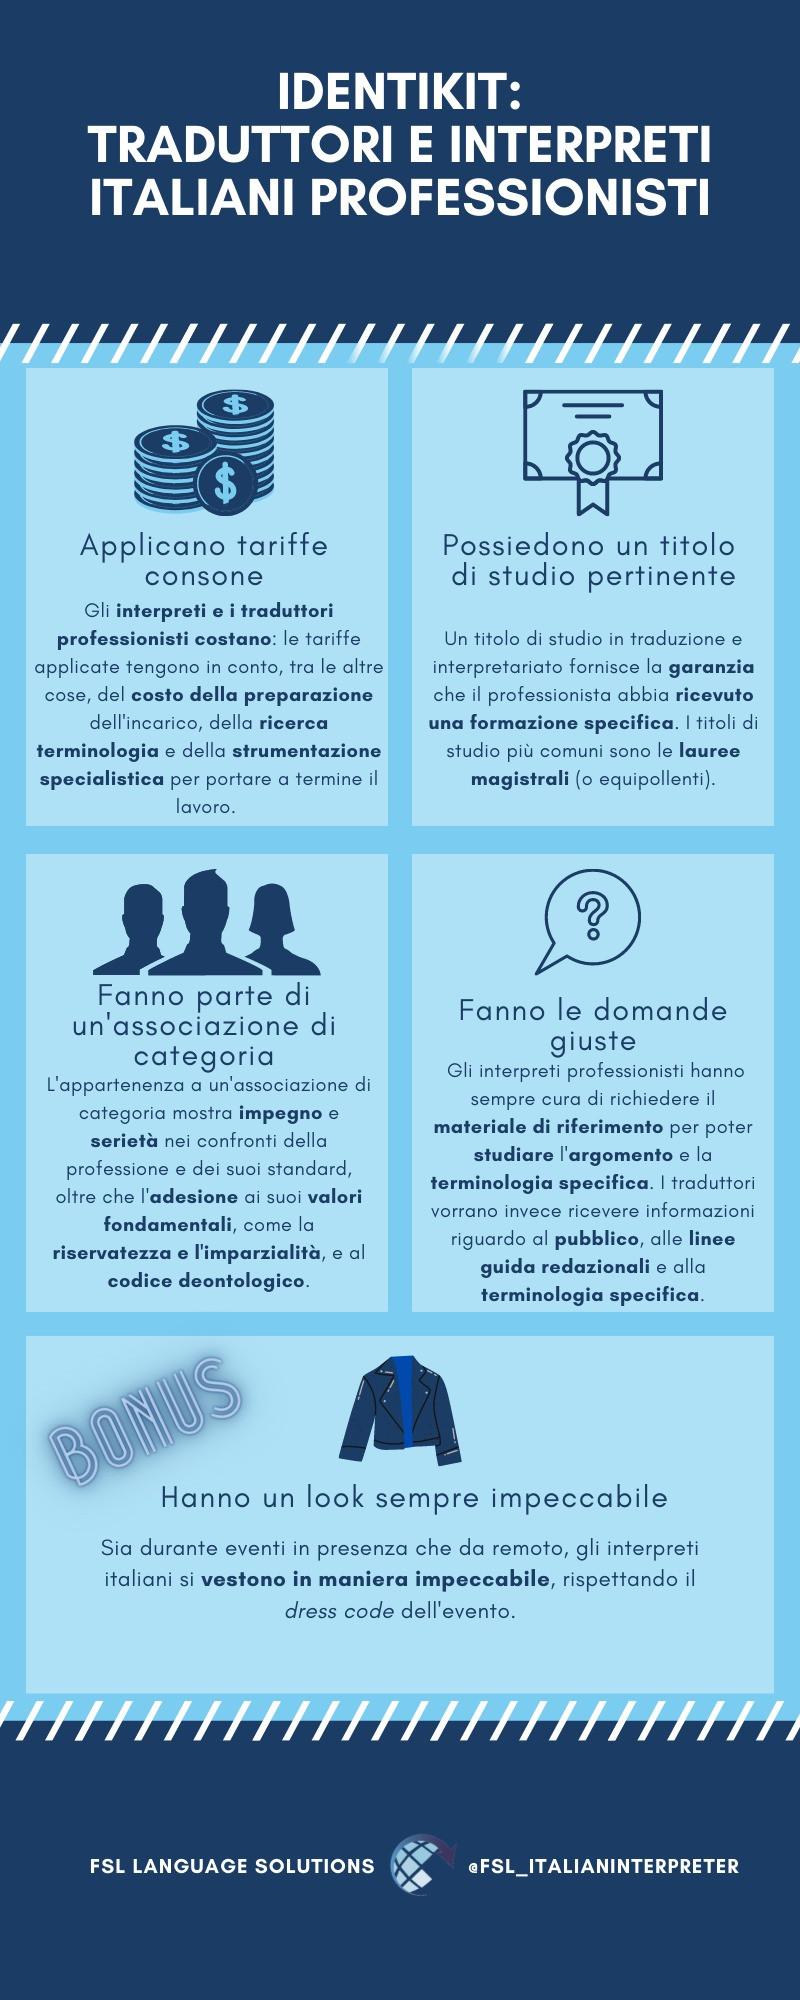 Come riconoscere un traduttore e interprete italiano professionista